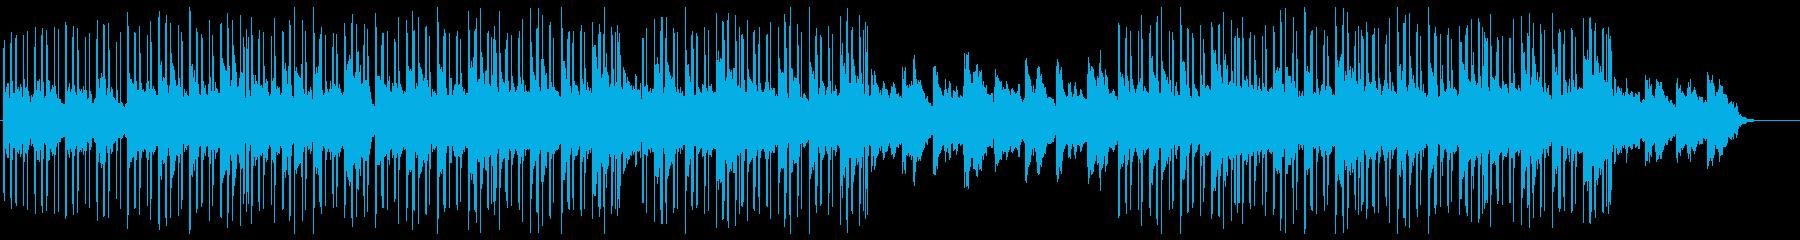 おしゃれ/透明感/ゆったり/R&B01の再生済みの波形